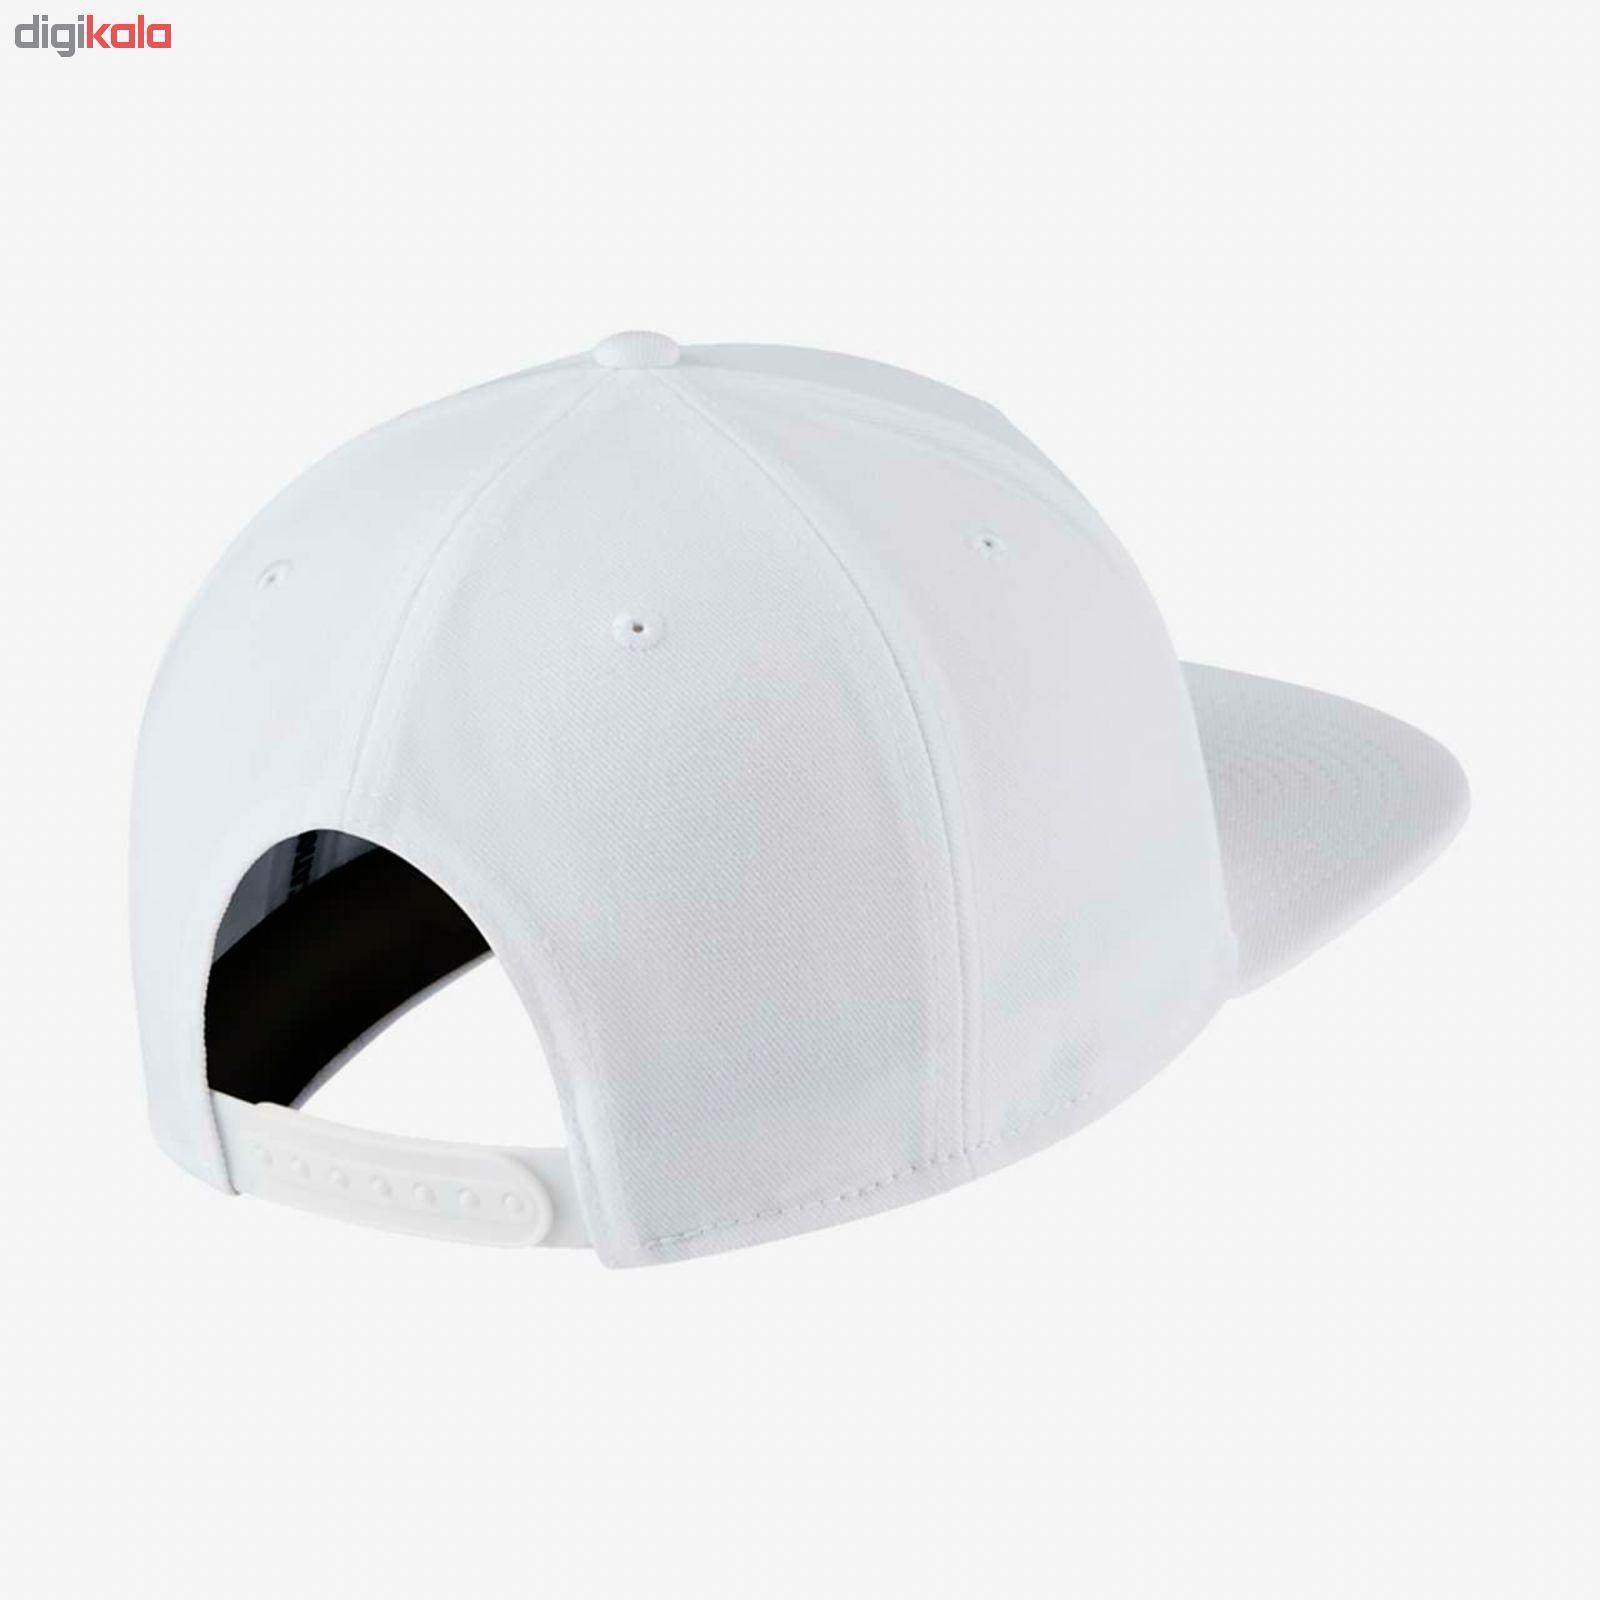 کلاه کپ نایکی مدل SB PRO VINTAGE -  - 3